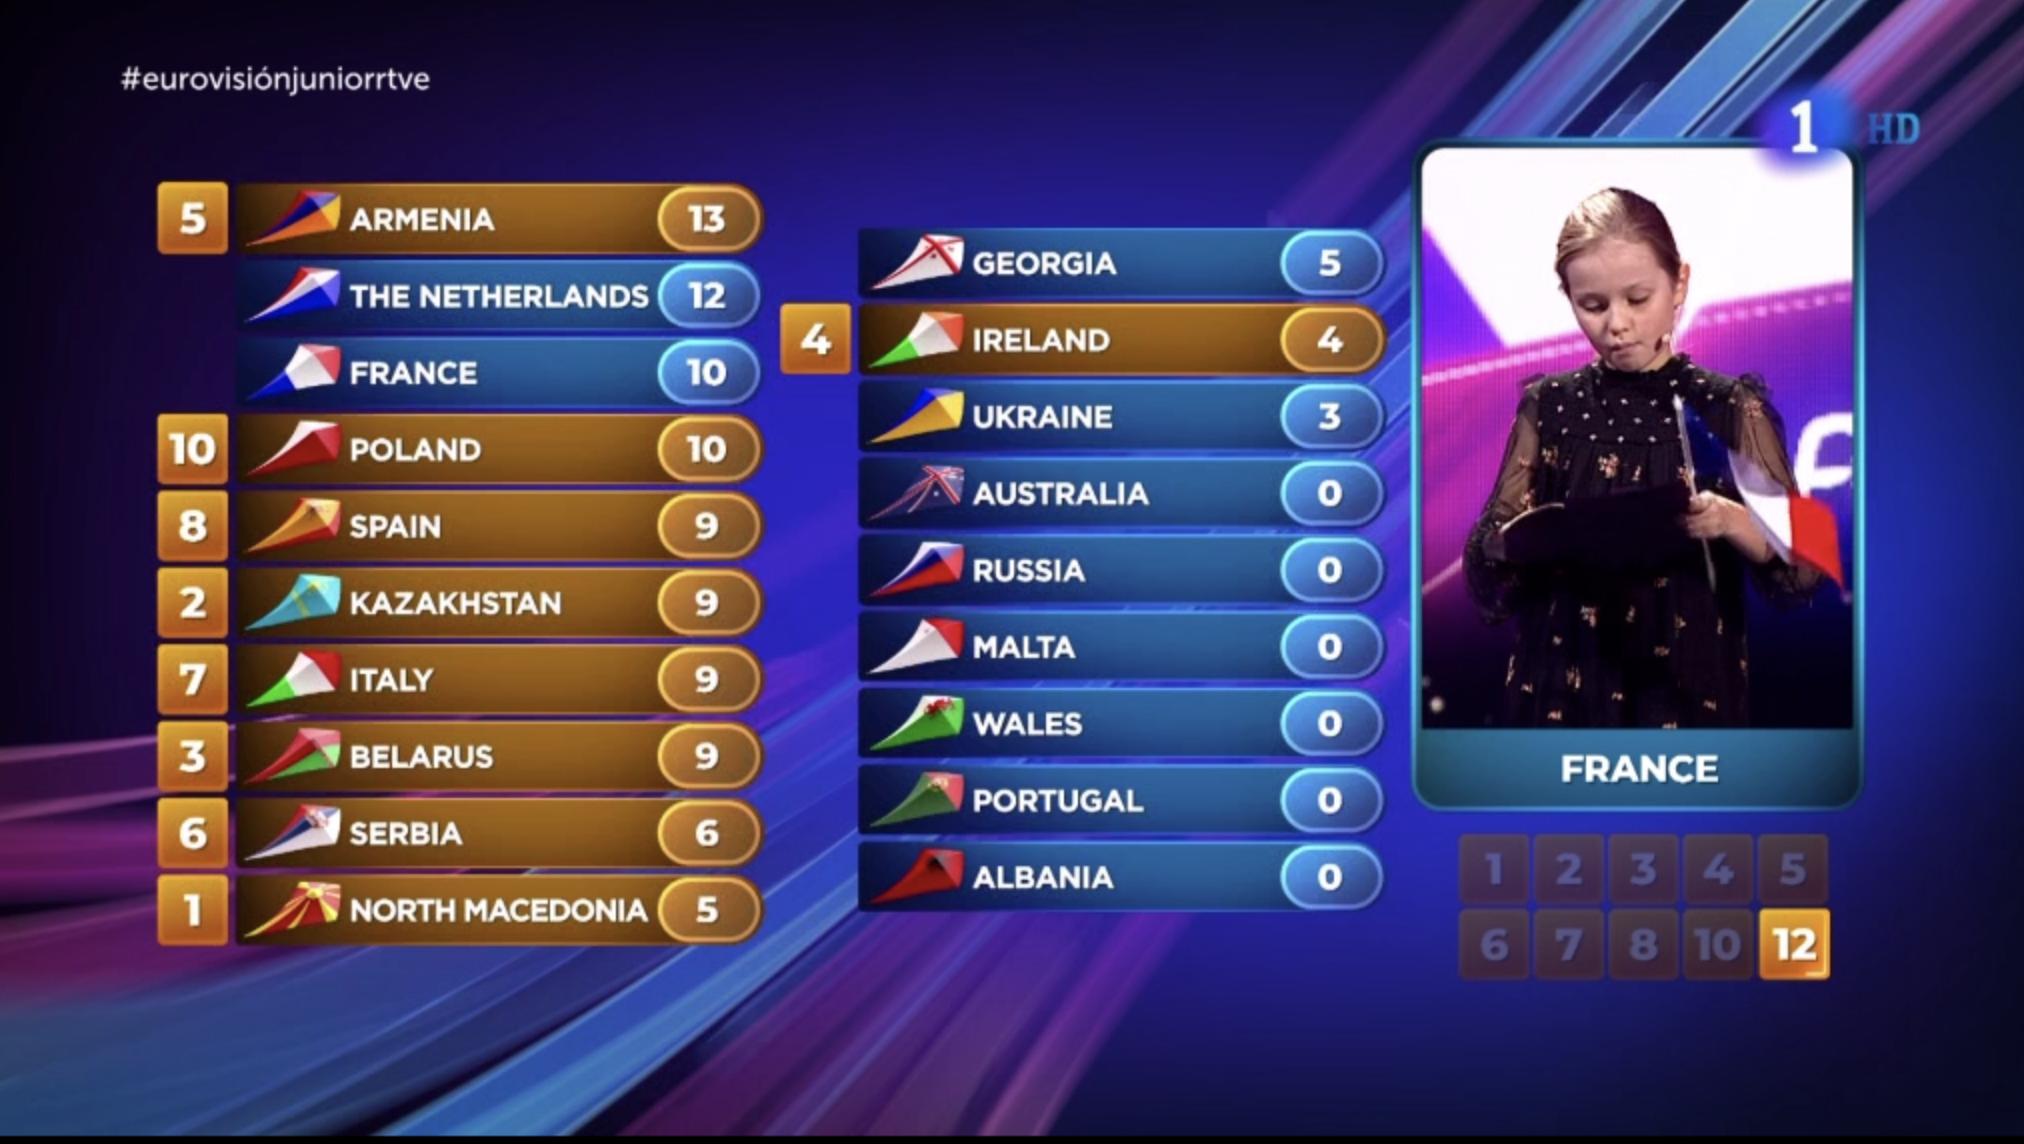 Francia nos da 8 puntos. Países Bajos recibe nuevamente 12 puntos del jurado